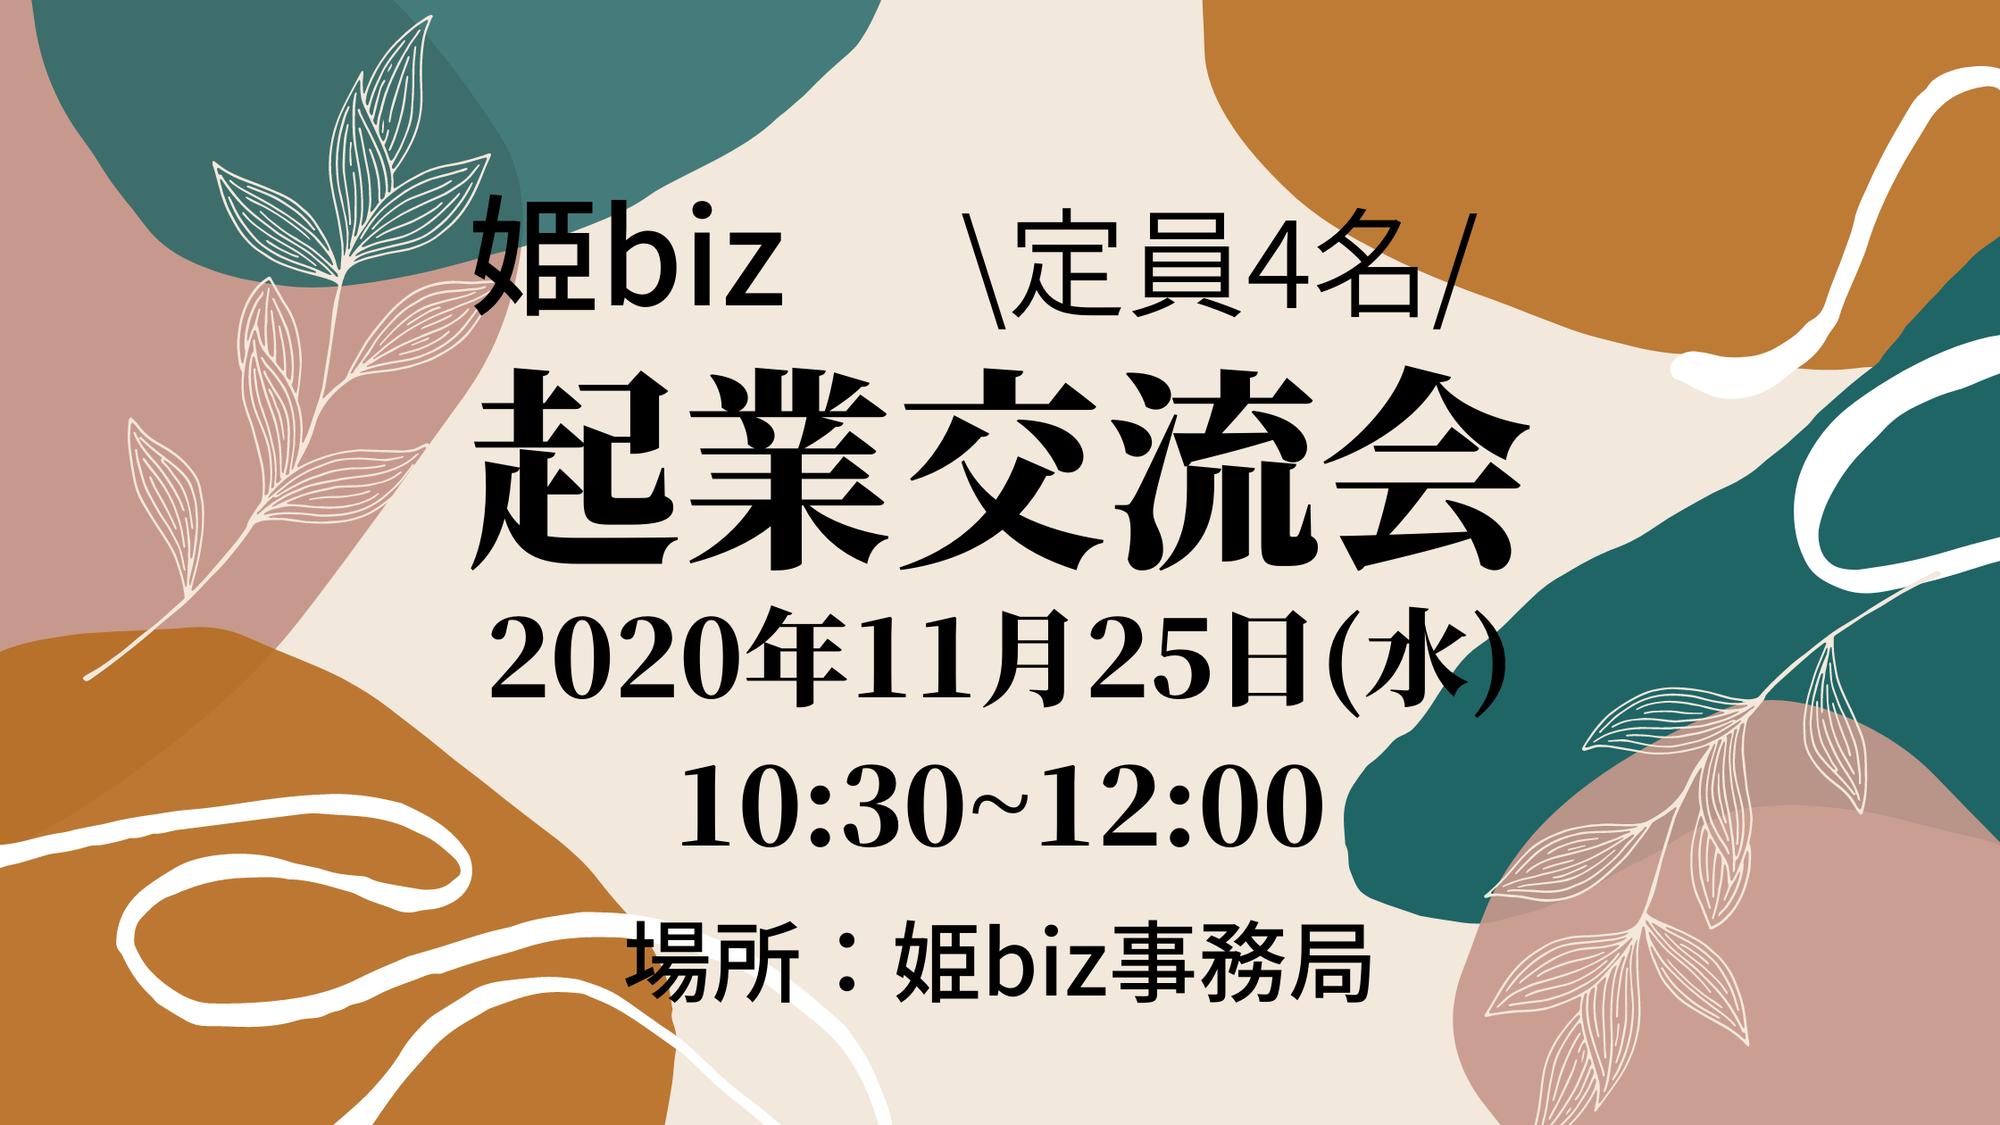 【11/25(水)】起業交流会開催のお知らせ